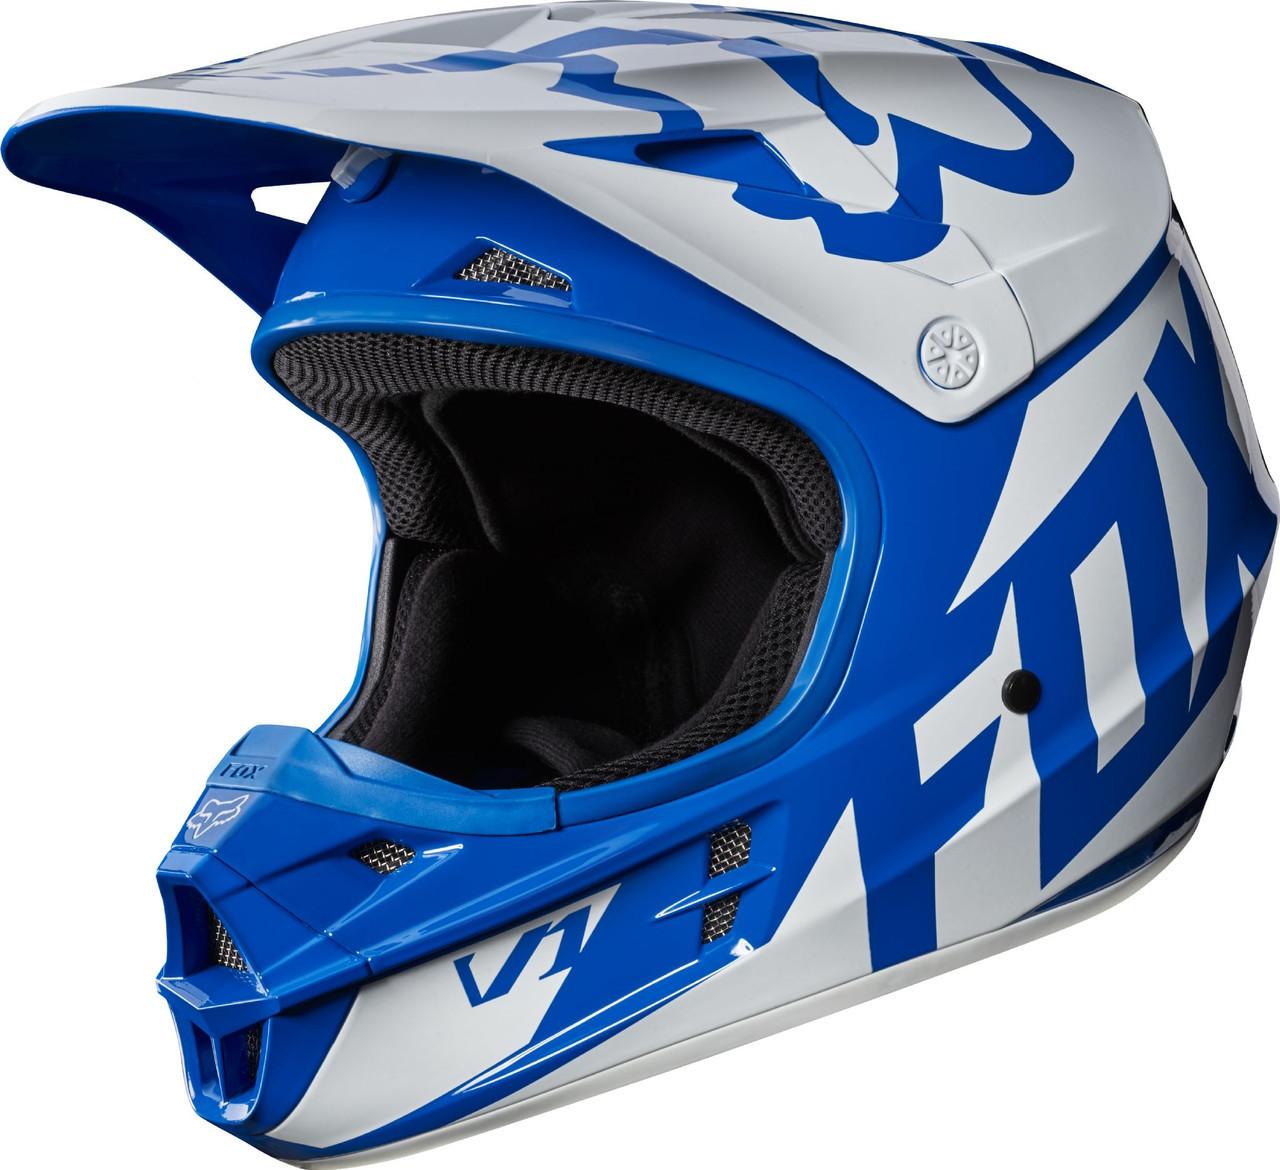 Мотошлем Fox V1 Race ECE [BLU] синий, S